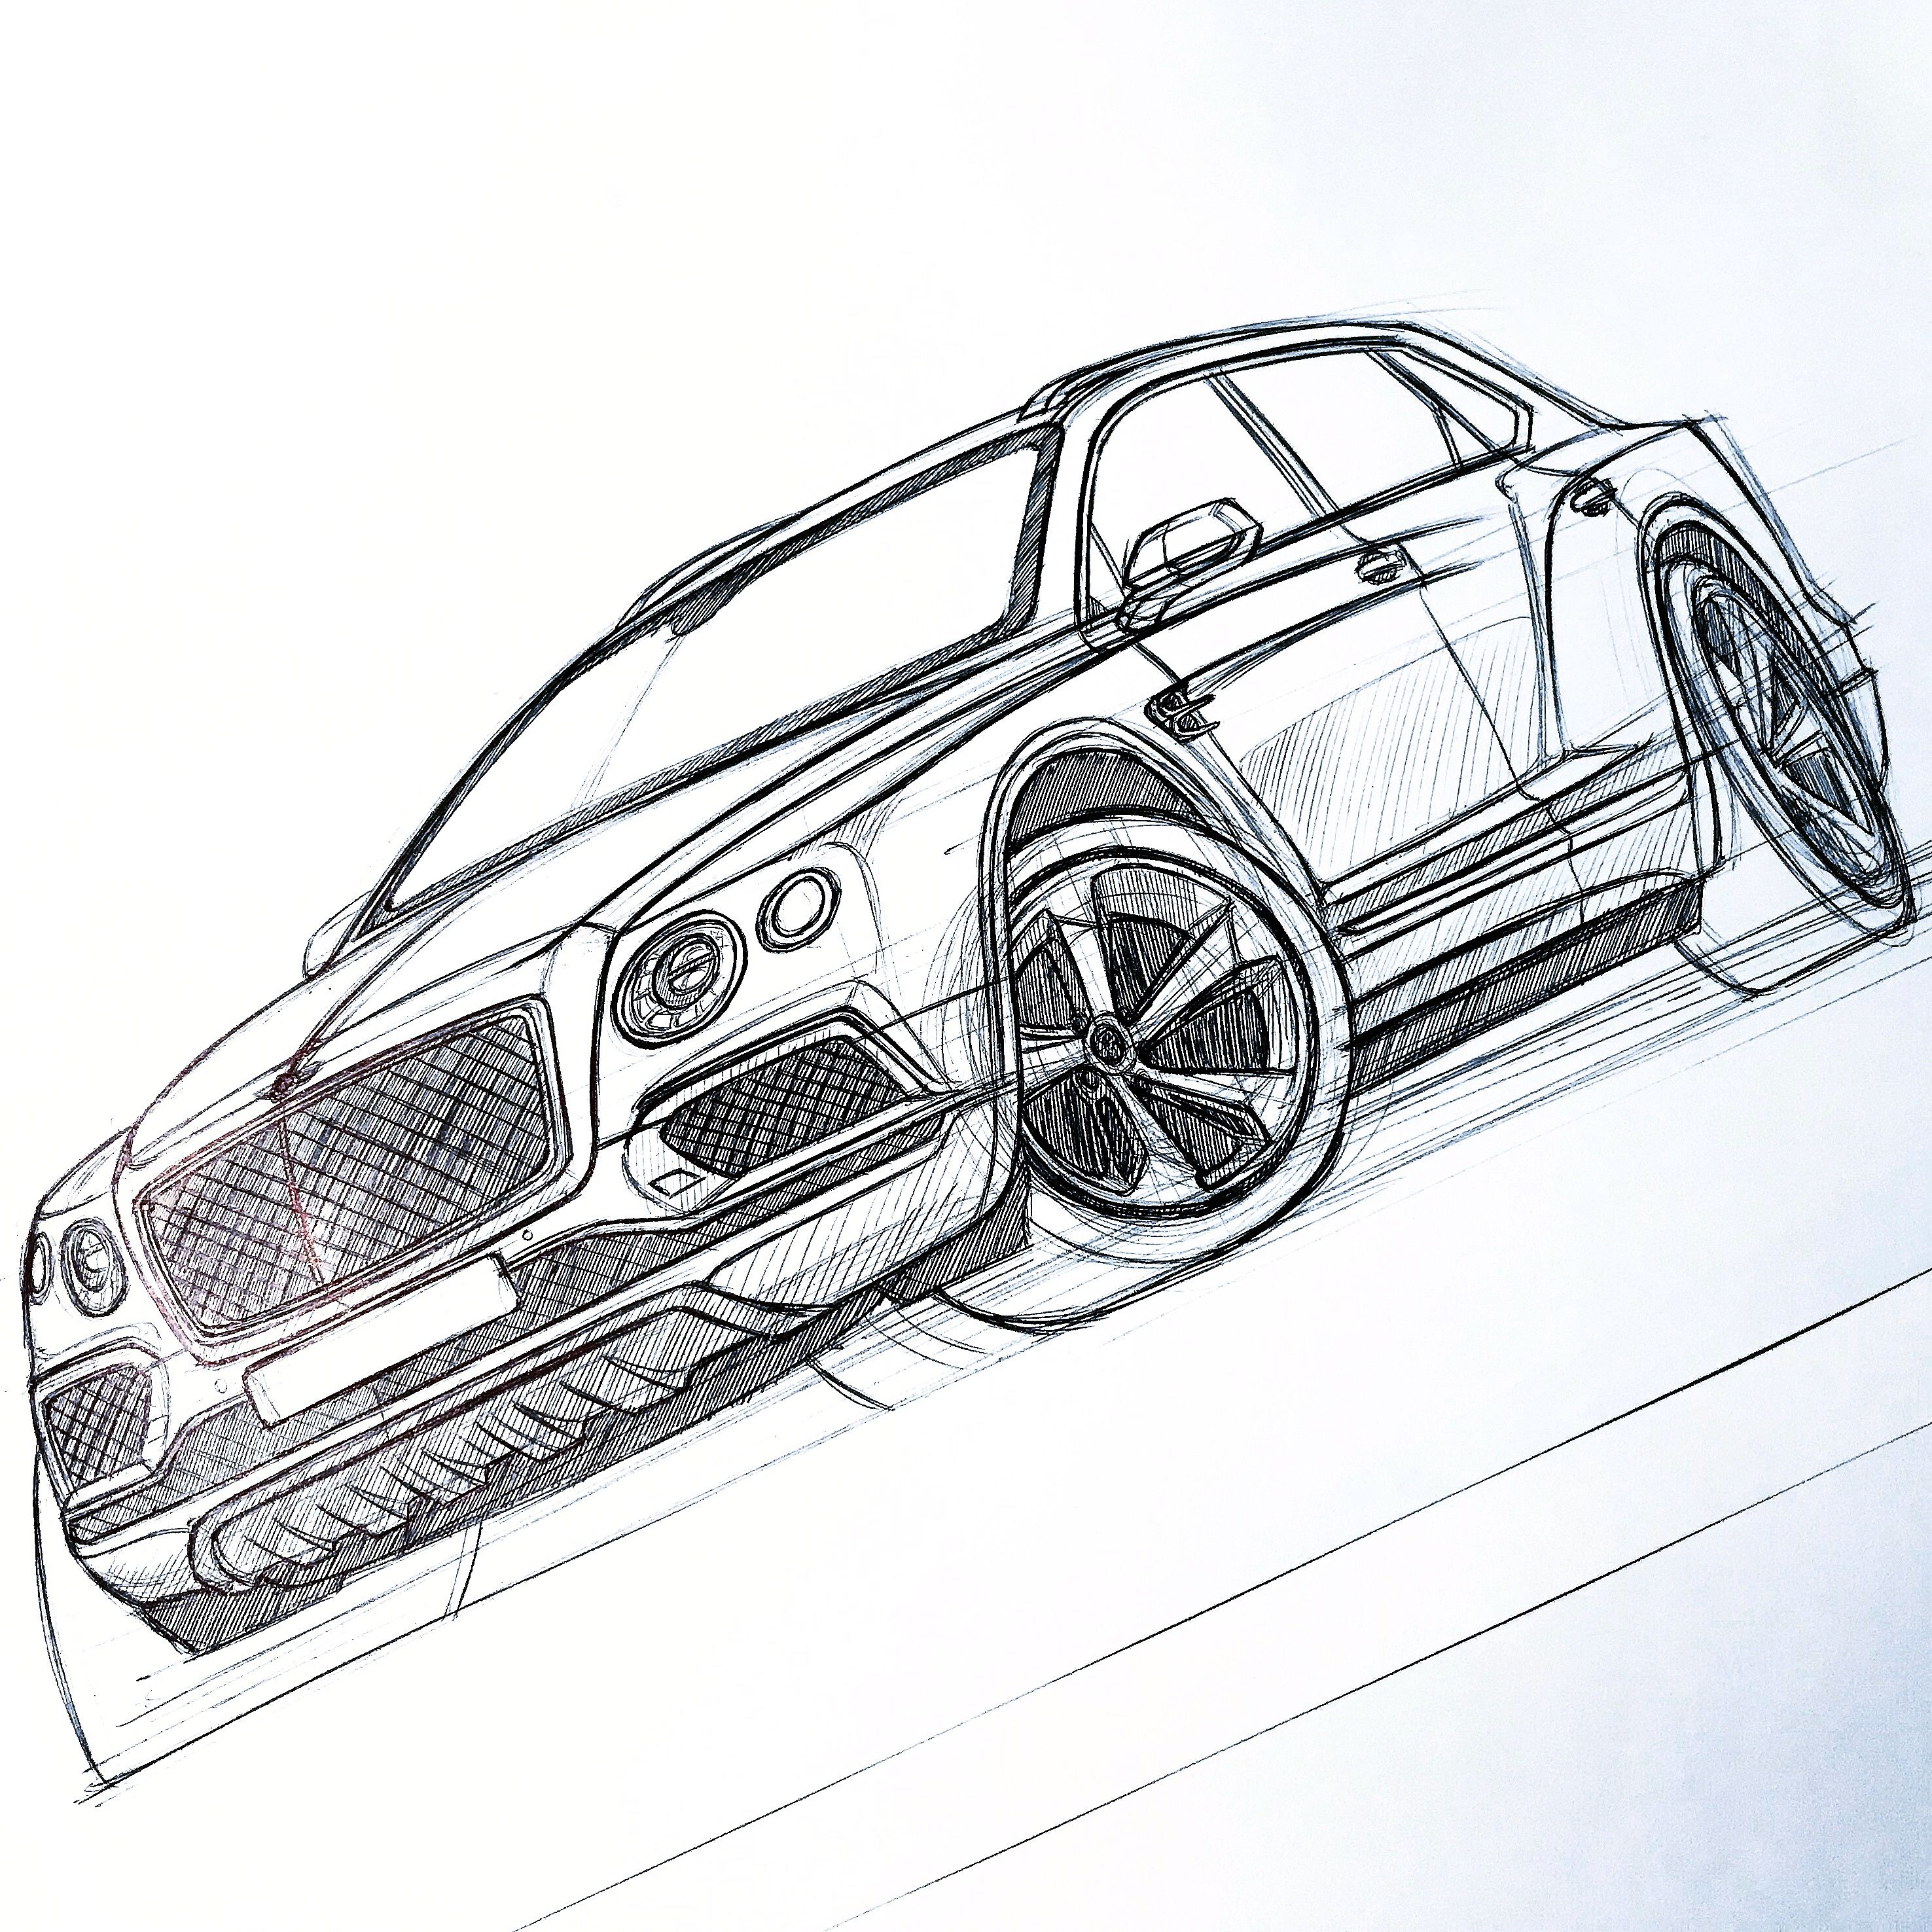 bentley bentayga sketch by baaam7991